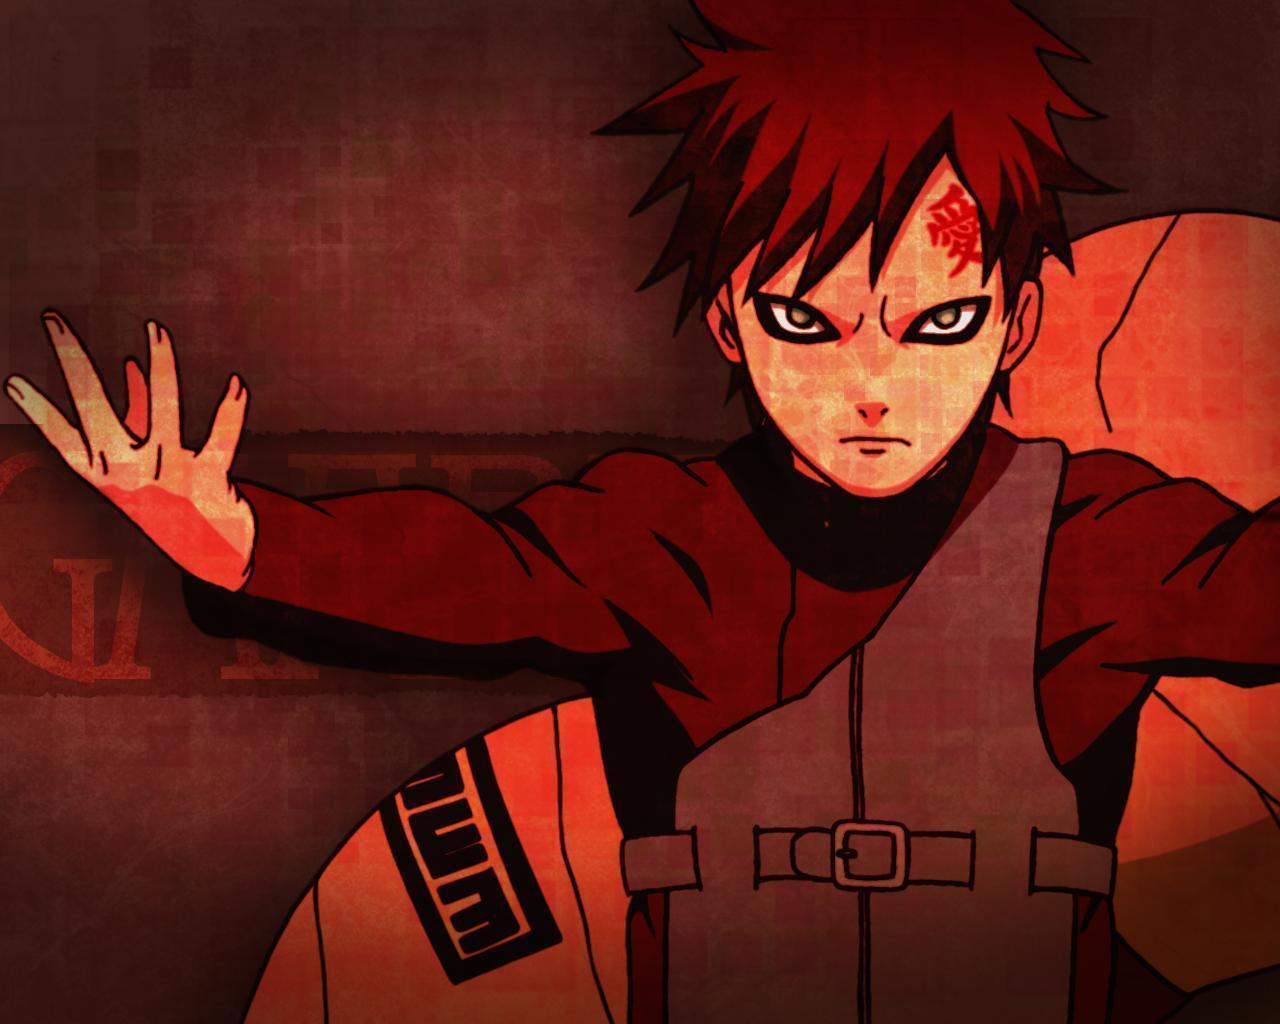 Naruto And Gaara Wallpapers - Wallpaper Cave